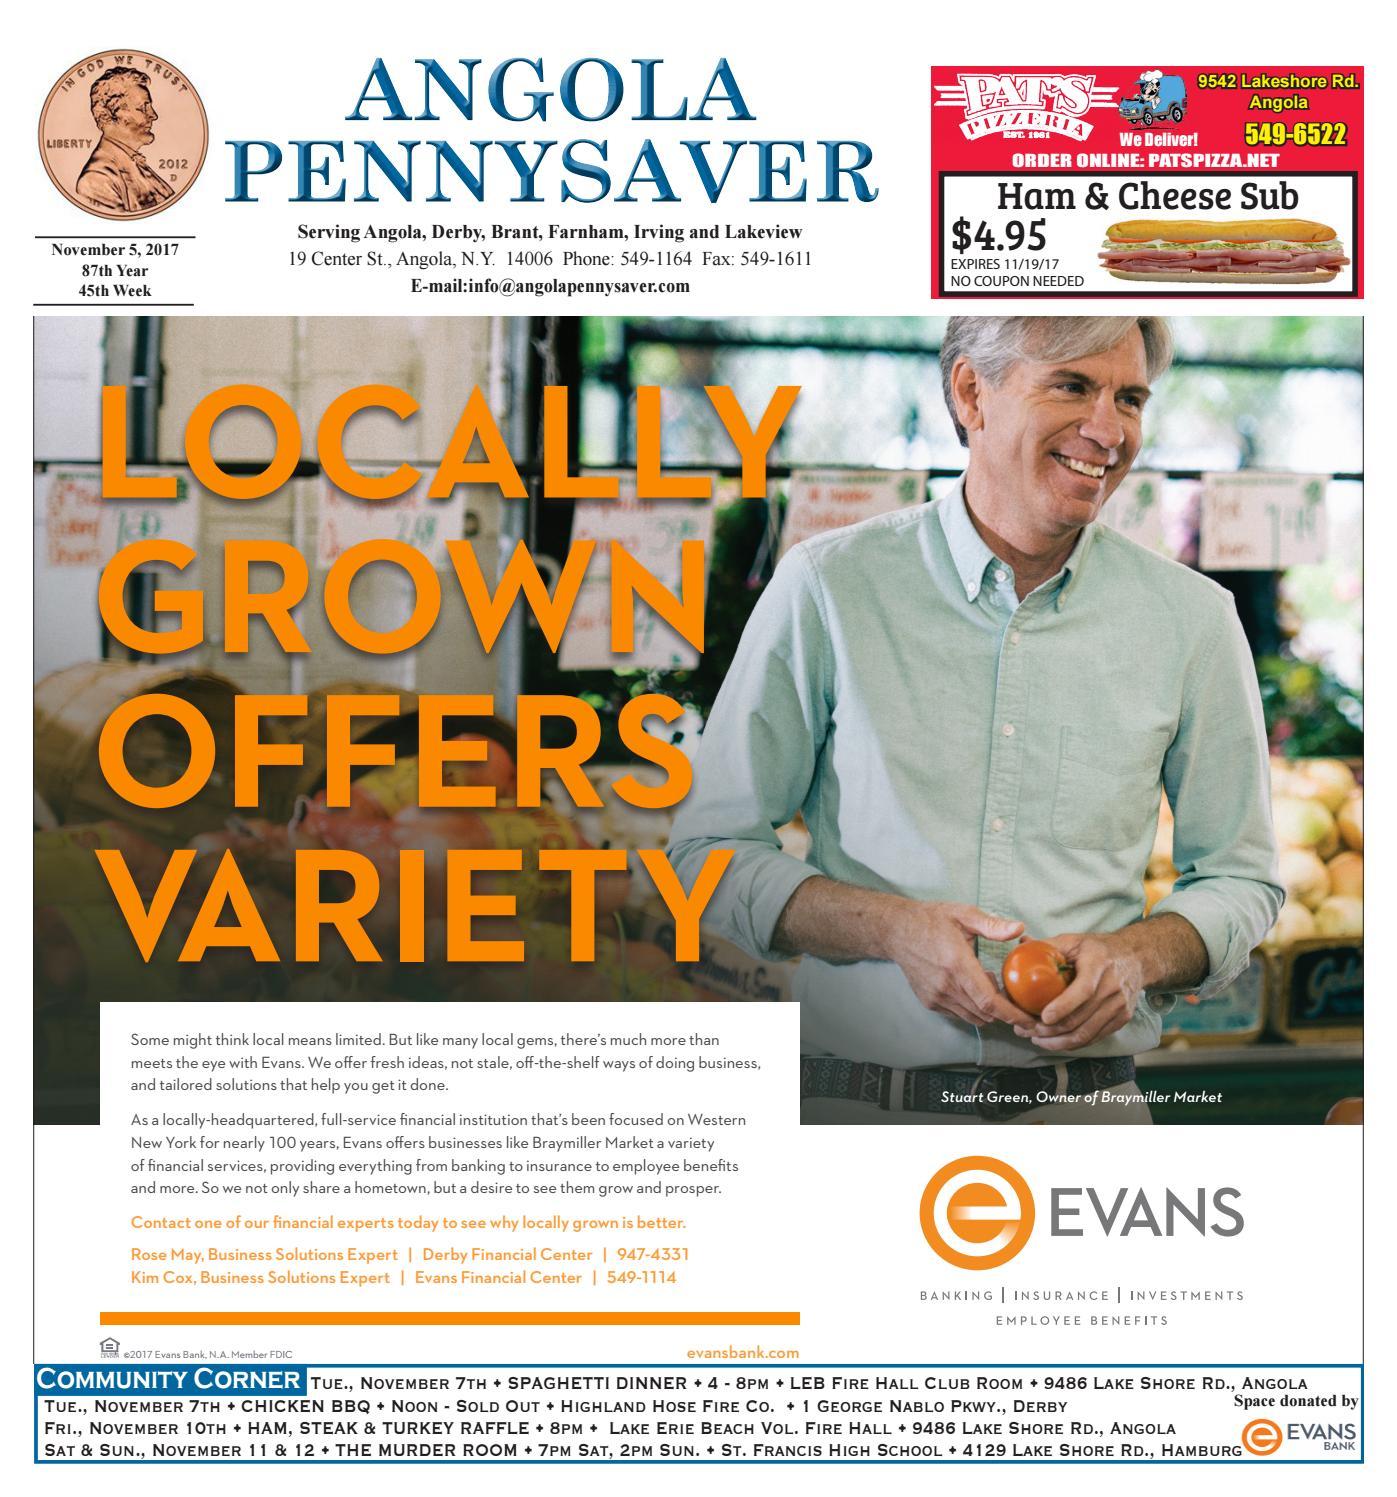 11/5/17 Angola Pennysaver